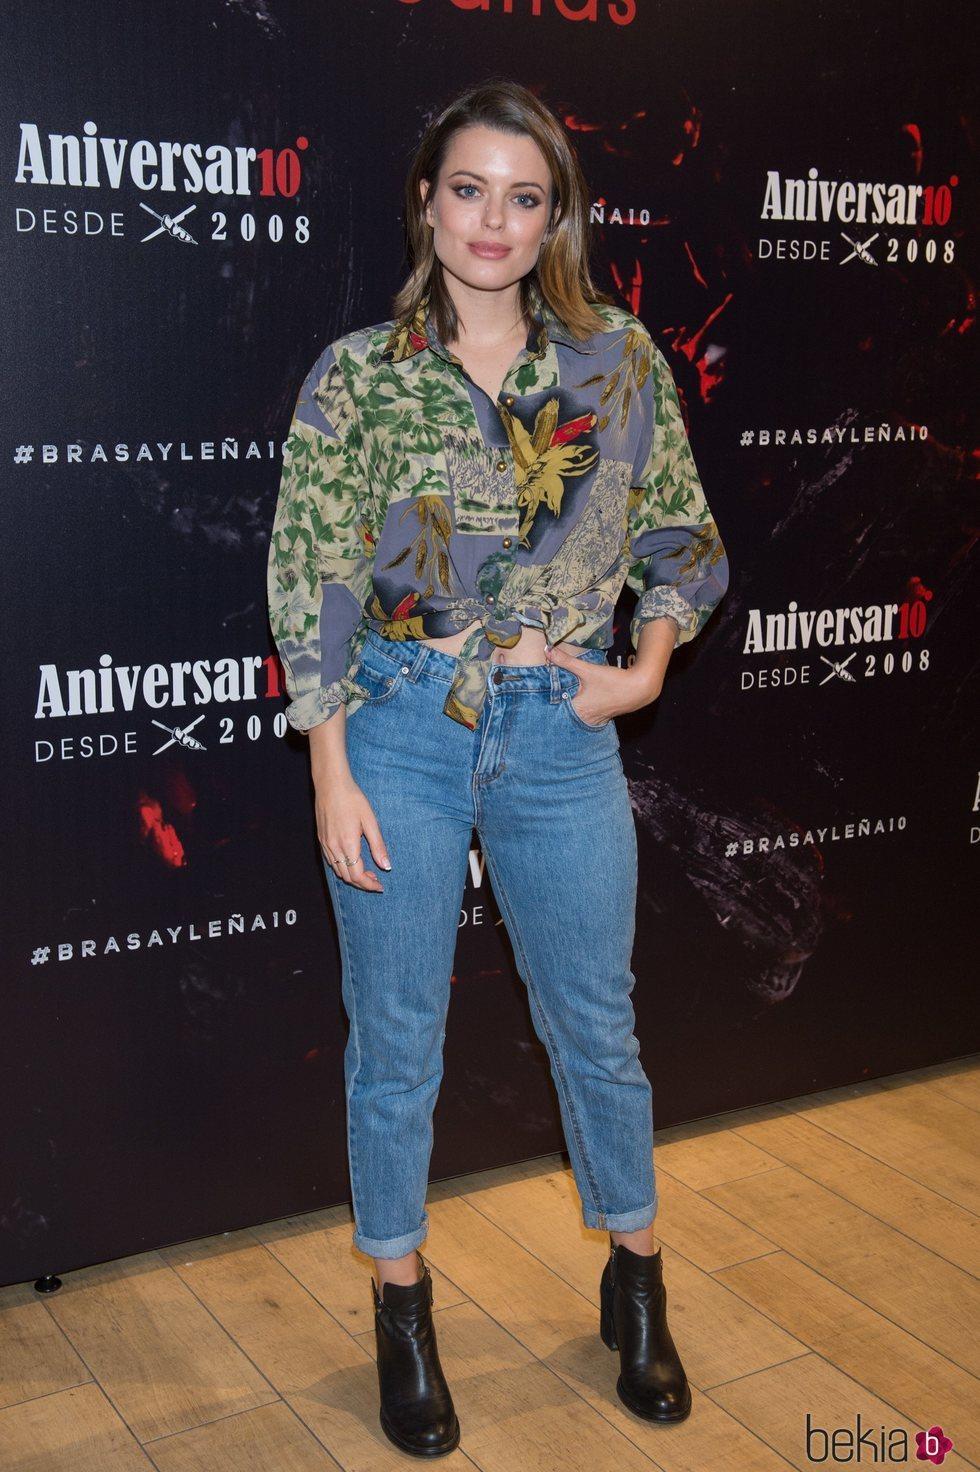 Adriana Torrebejano en el aniversario del restaurante Brasayleña